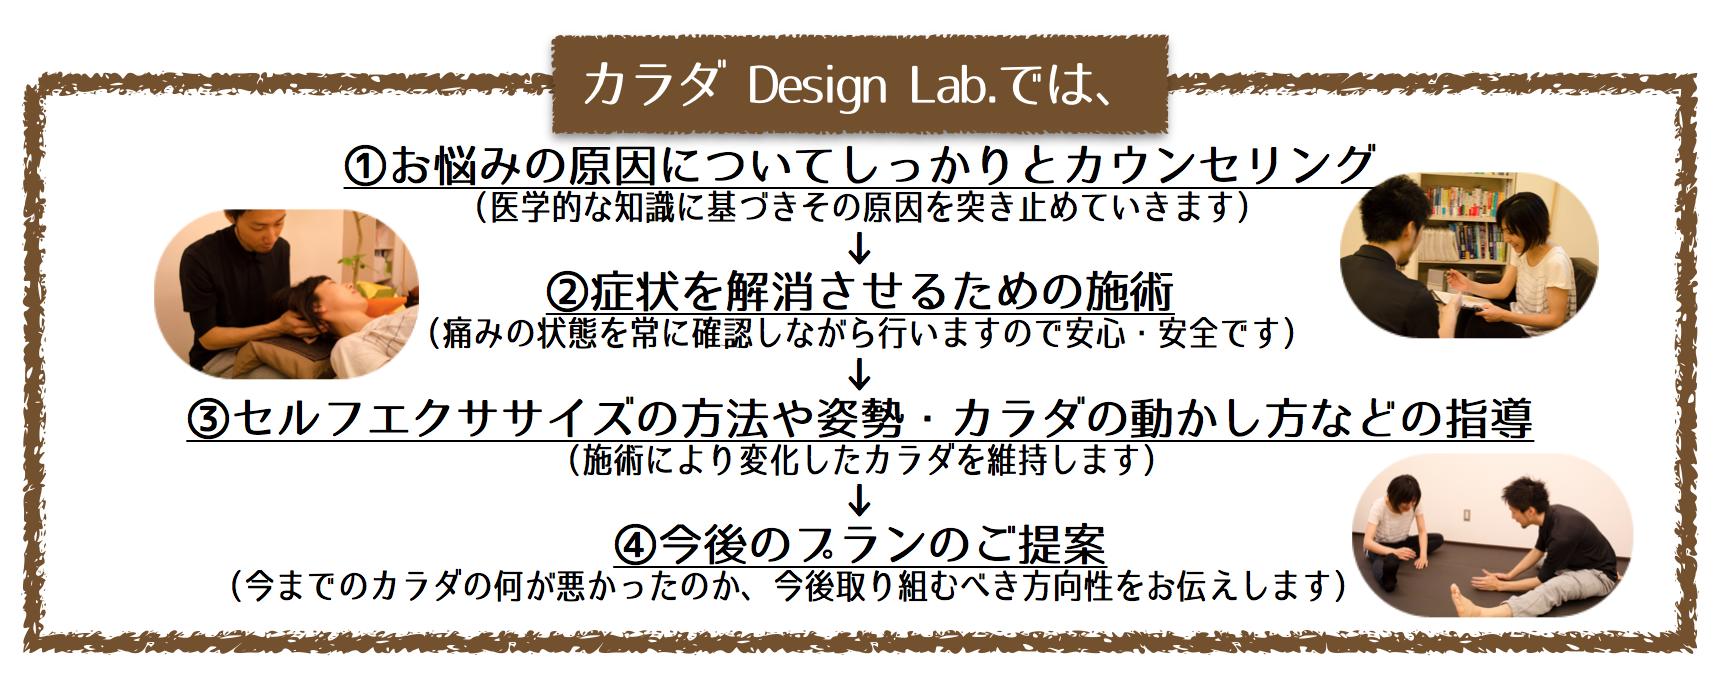 カラダ Design Lab.での流れ